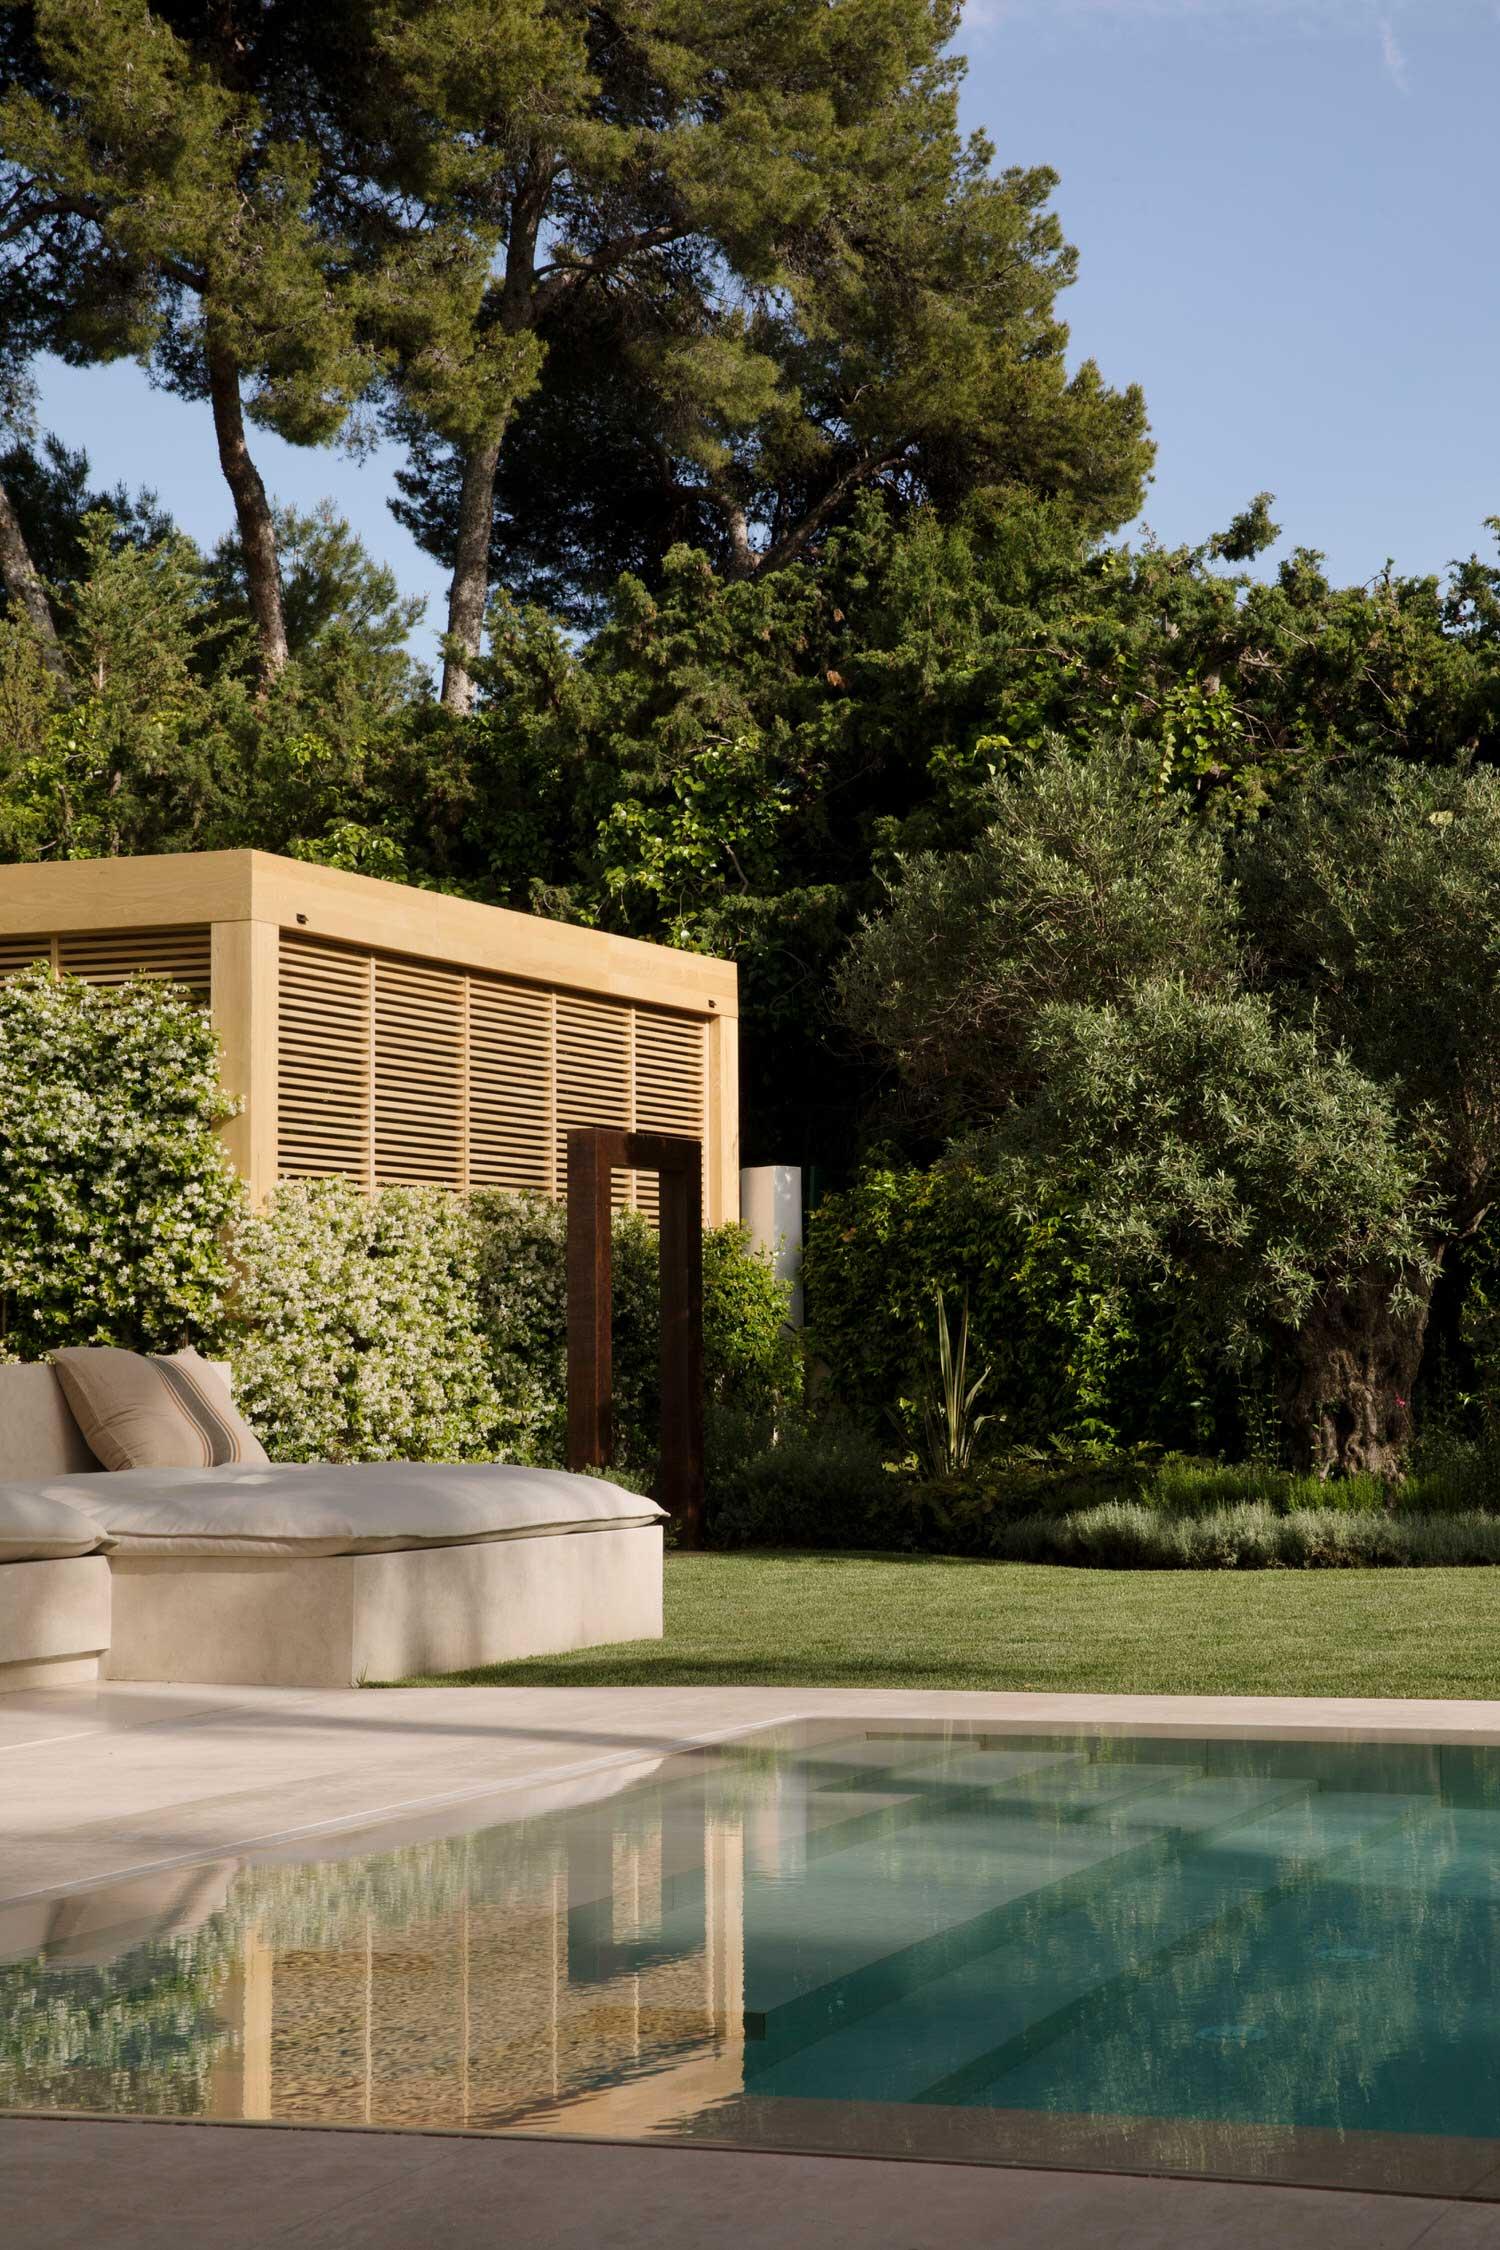 Febrero Studio Casa Marbella Spanish Architecture Photo German Saiz Yellowtrace 30